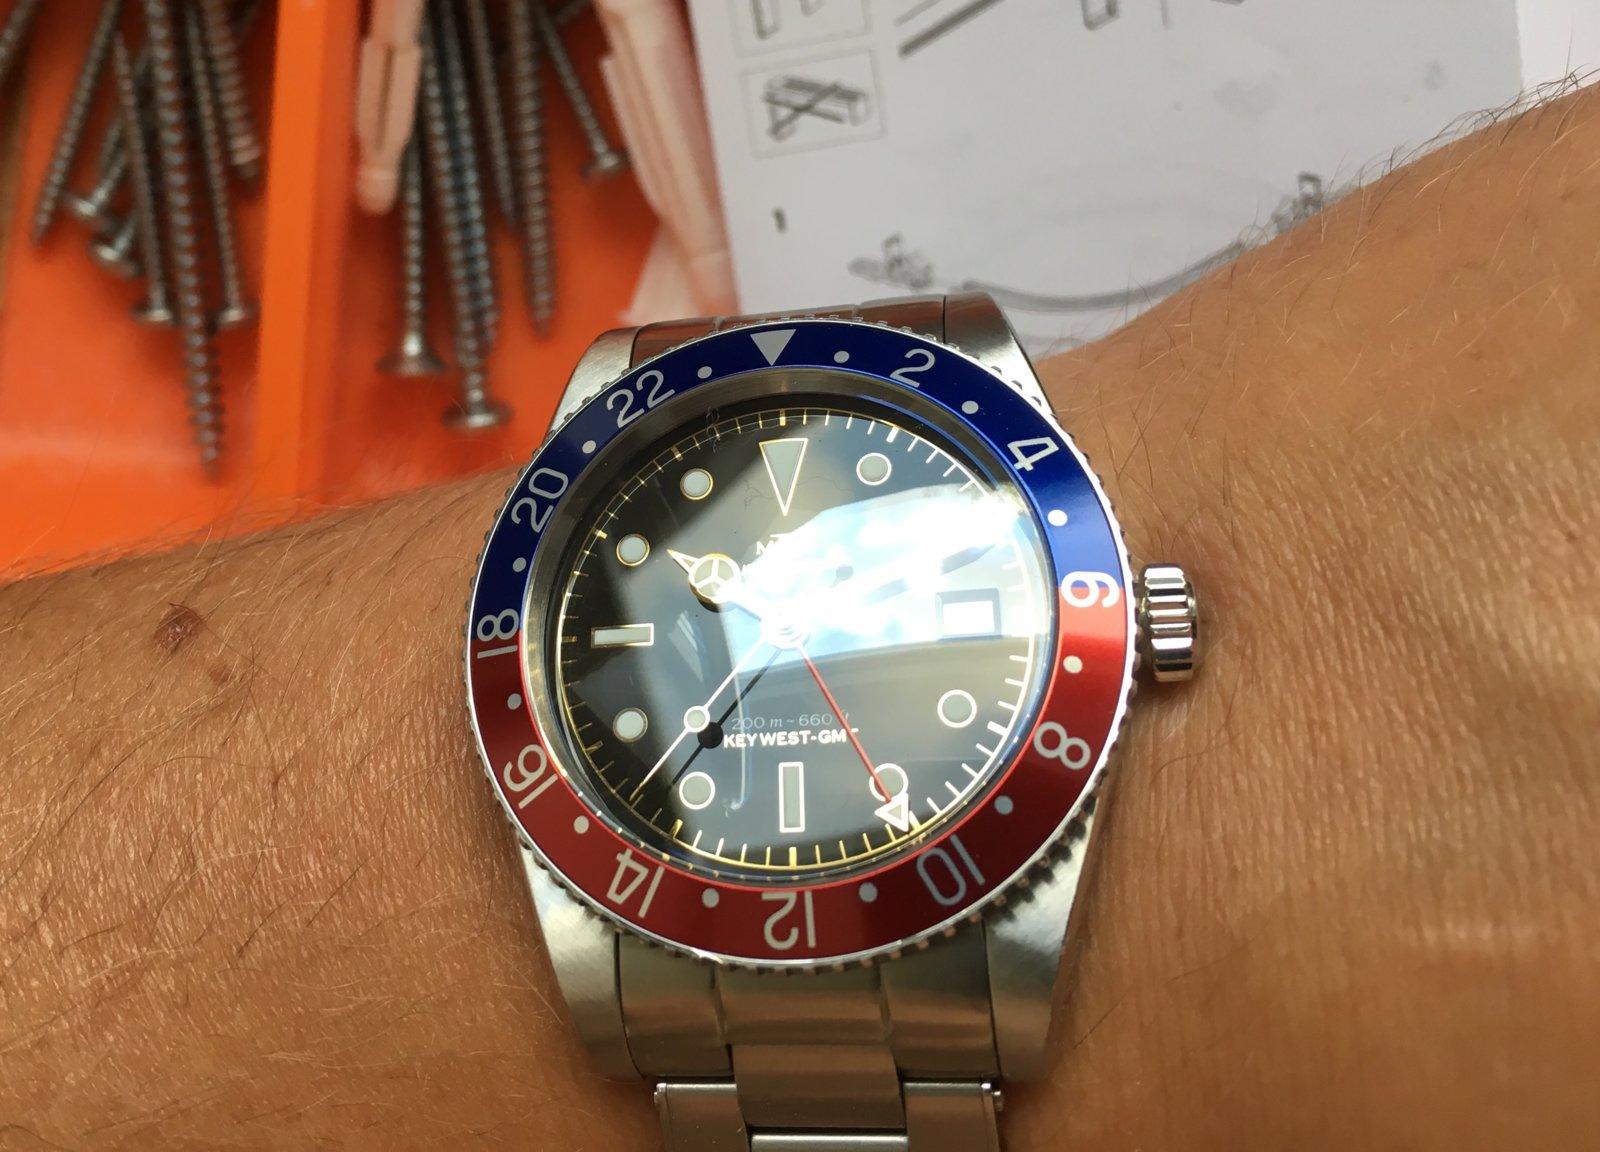 58027E23-F887-4639-ABEC-27E10CF6F7AC.